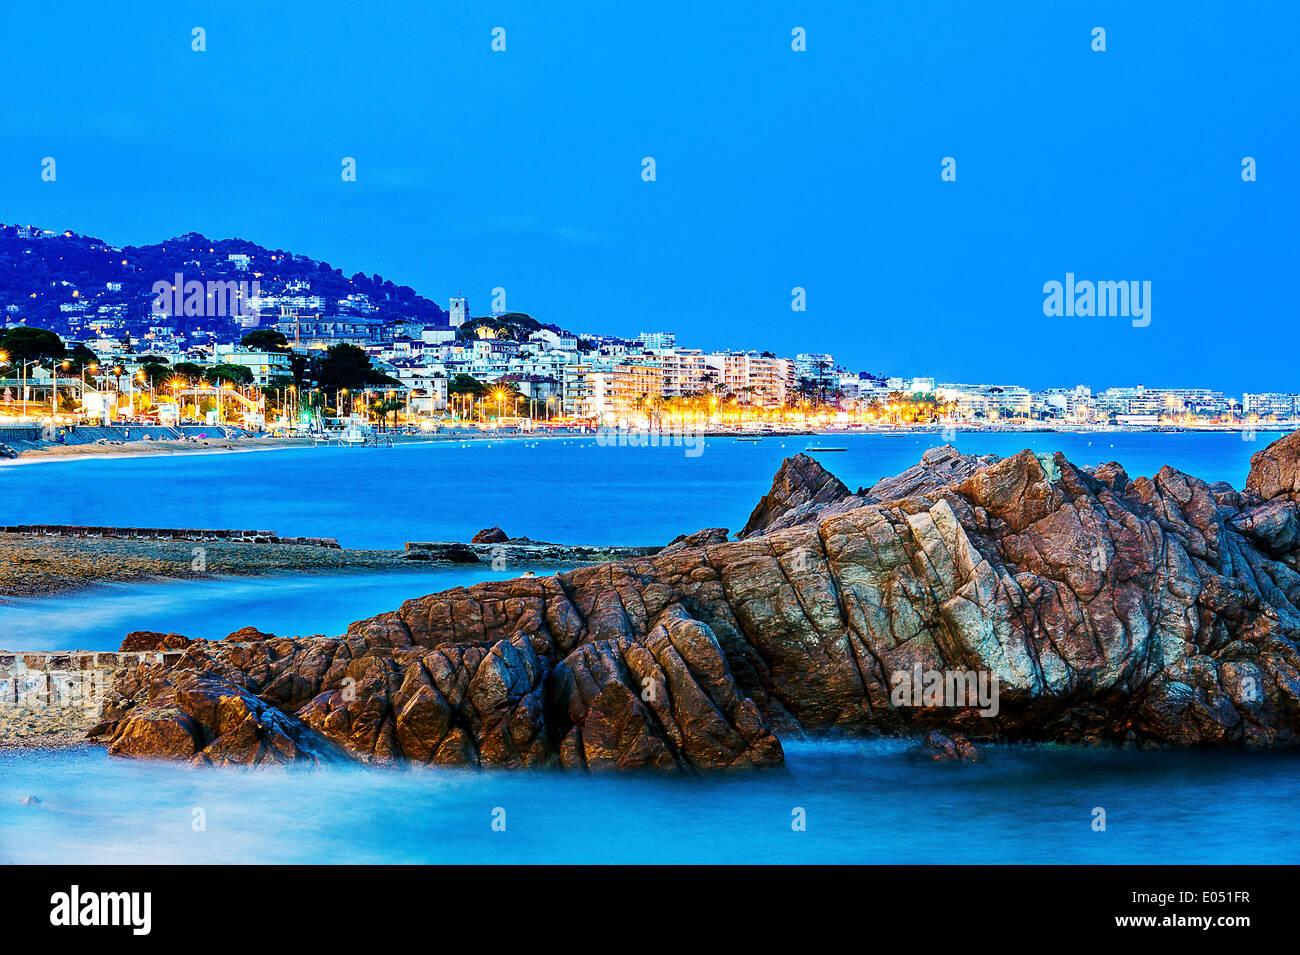 L'Europa, Francia, Alpes-Maritimes, Cannes. La baia di Cannes al tramonto. Immagini Stock